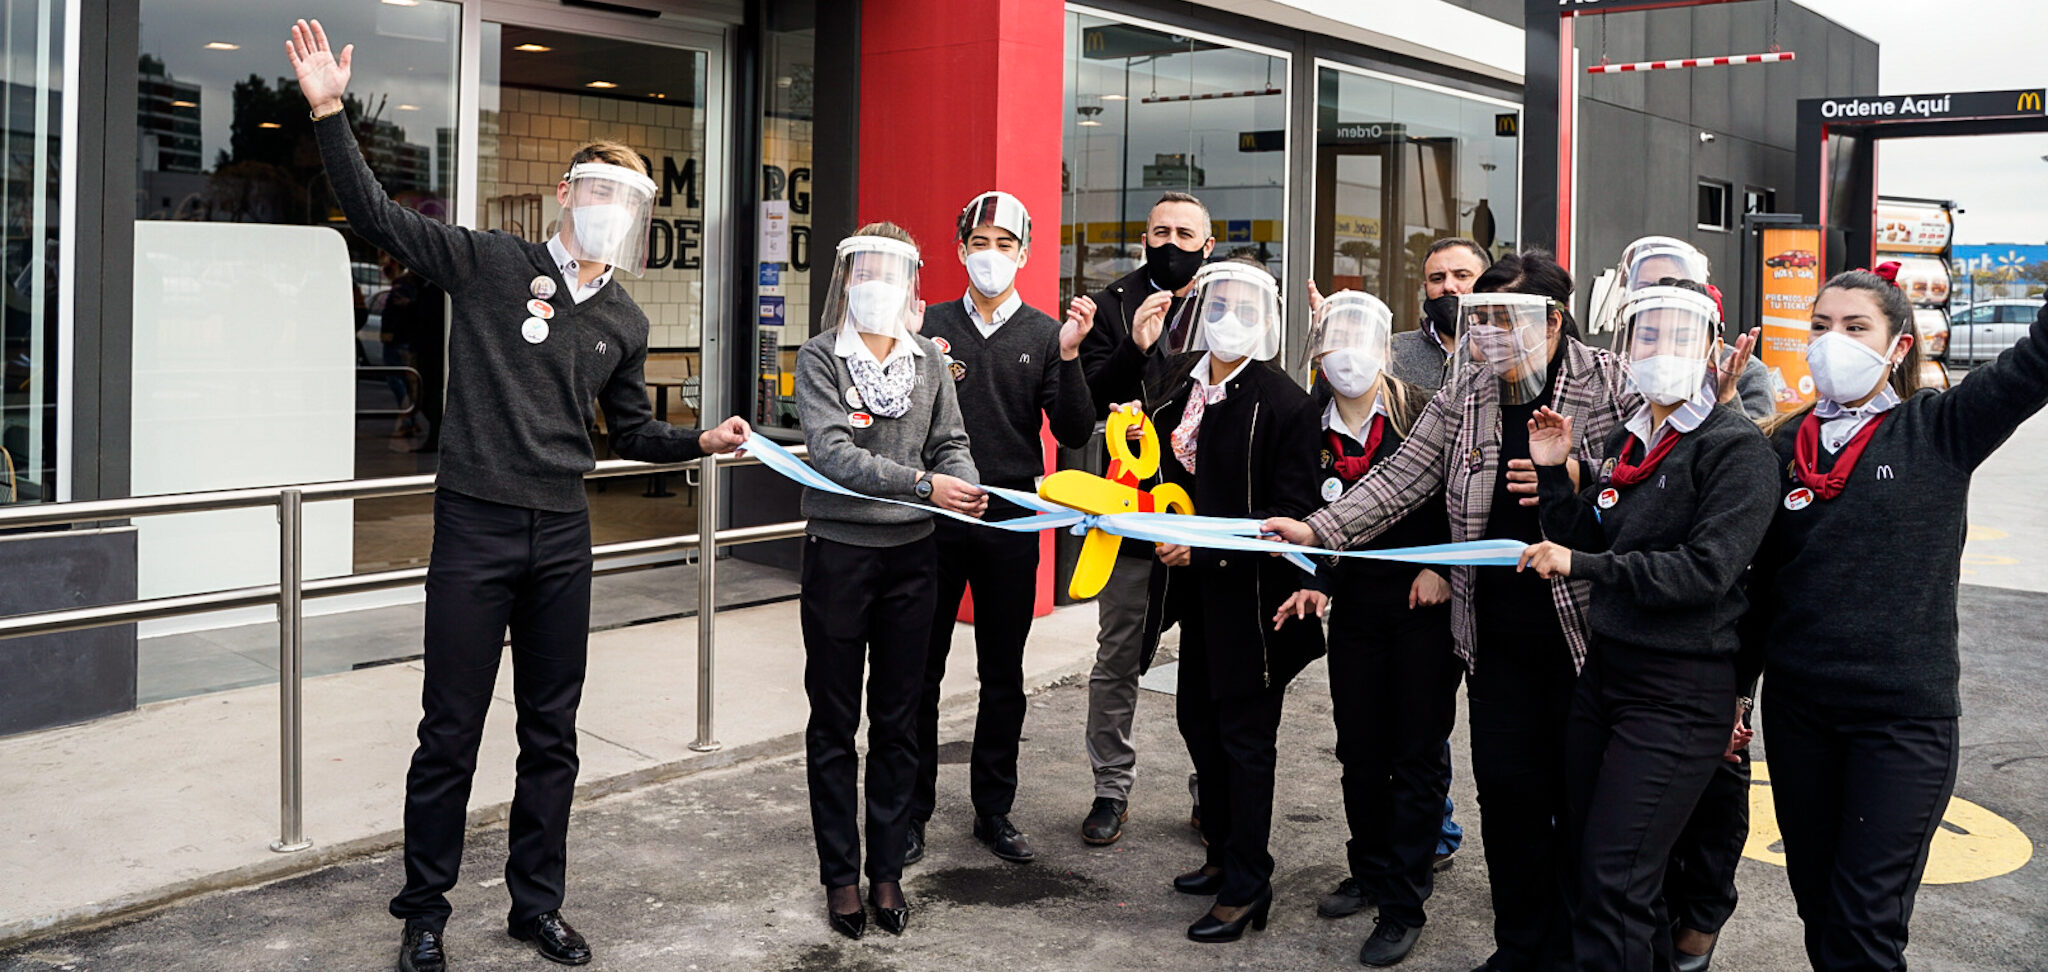 [Argentina] Arcos Dorados inaugura un nuevo local McDonald's en Avellaneda y genera más de 70 puestos de trabajo